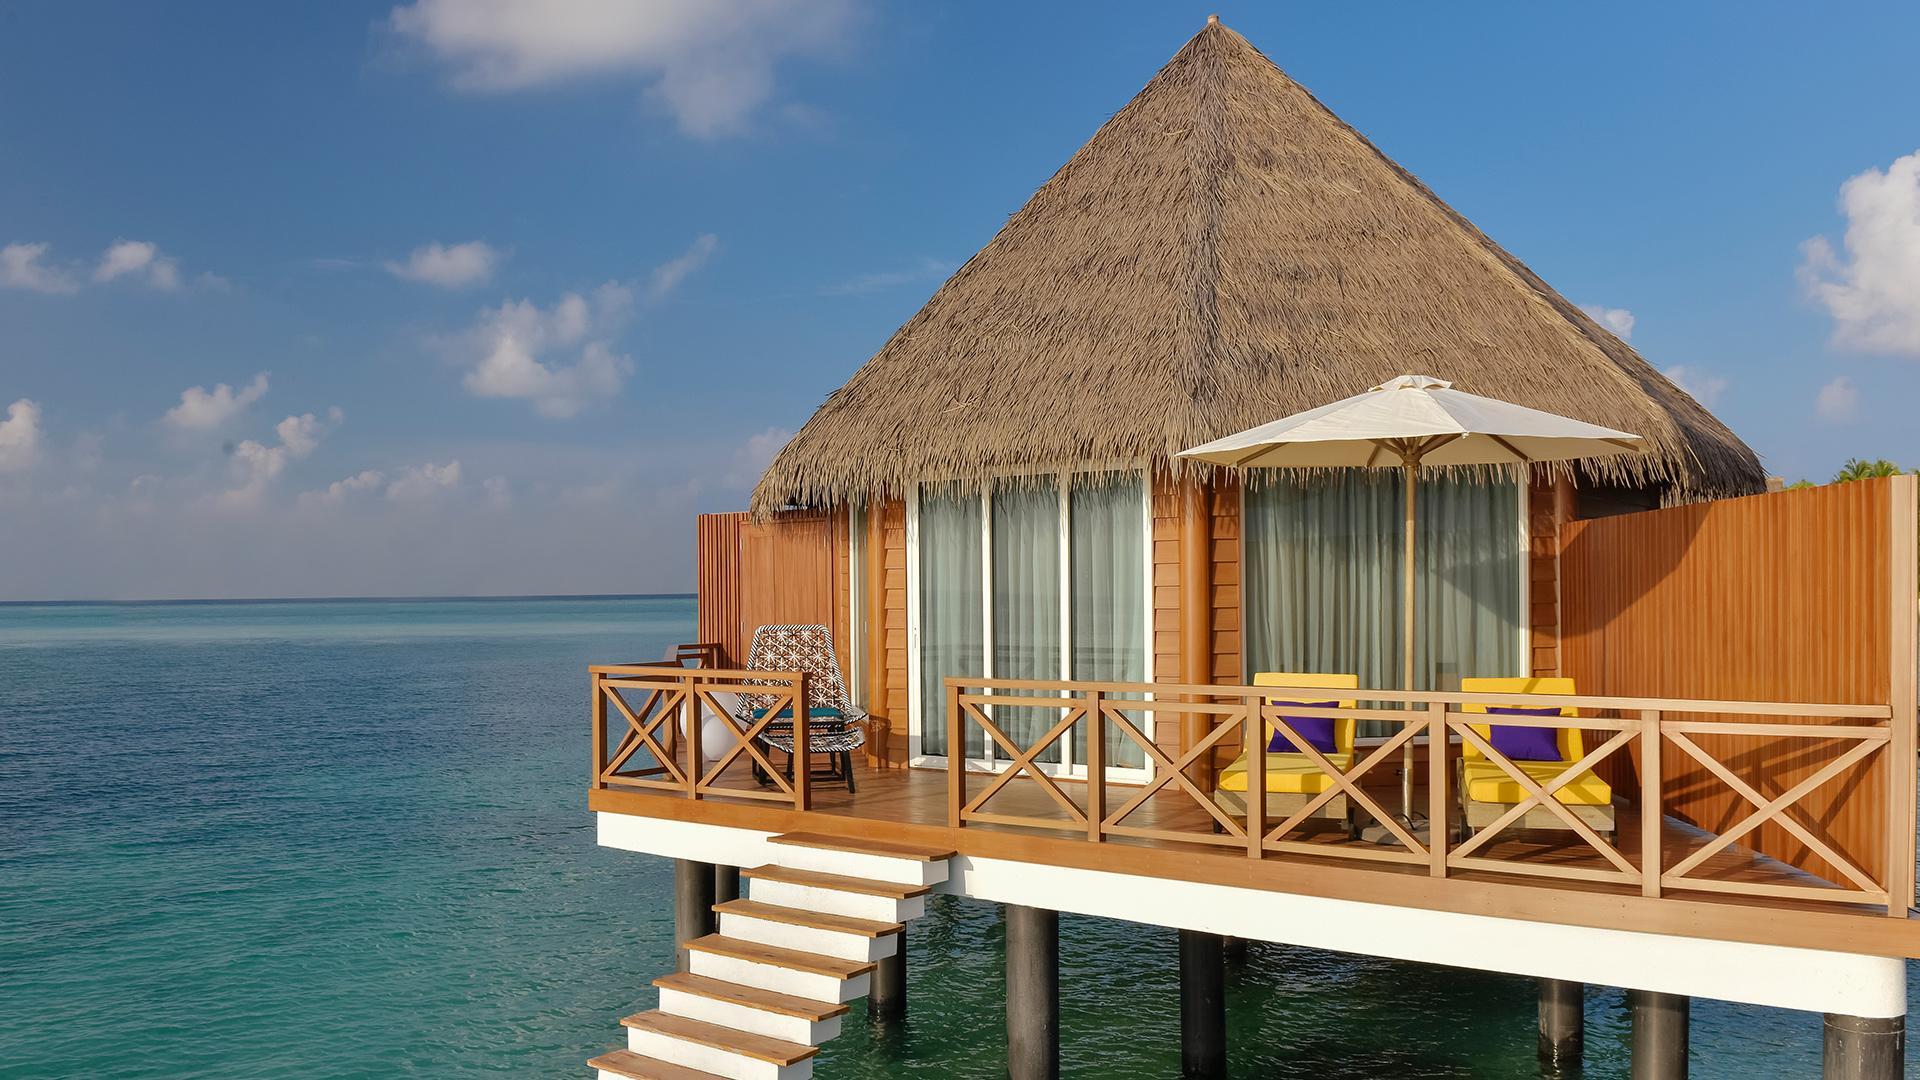 Overwater Villa image 1 at Mercure Maldives Kooddoo by Gaafu Alifu Atoll, Upper South Province, Maldives